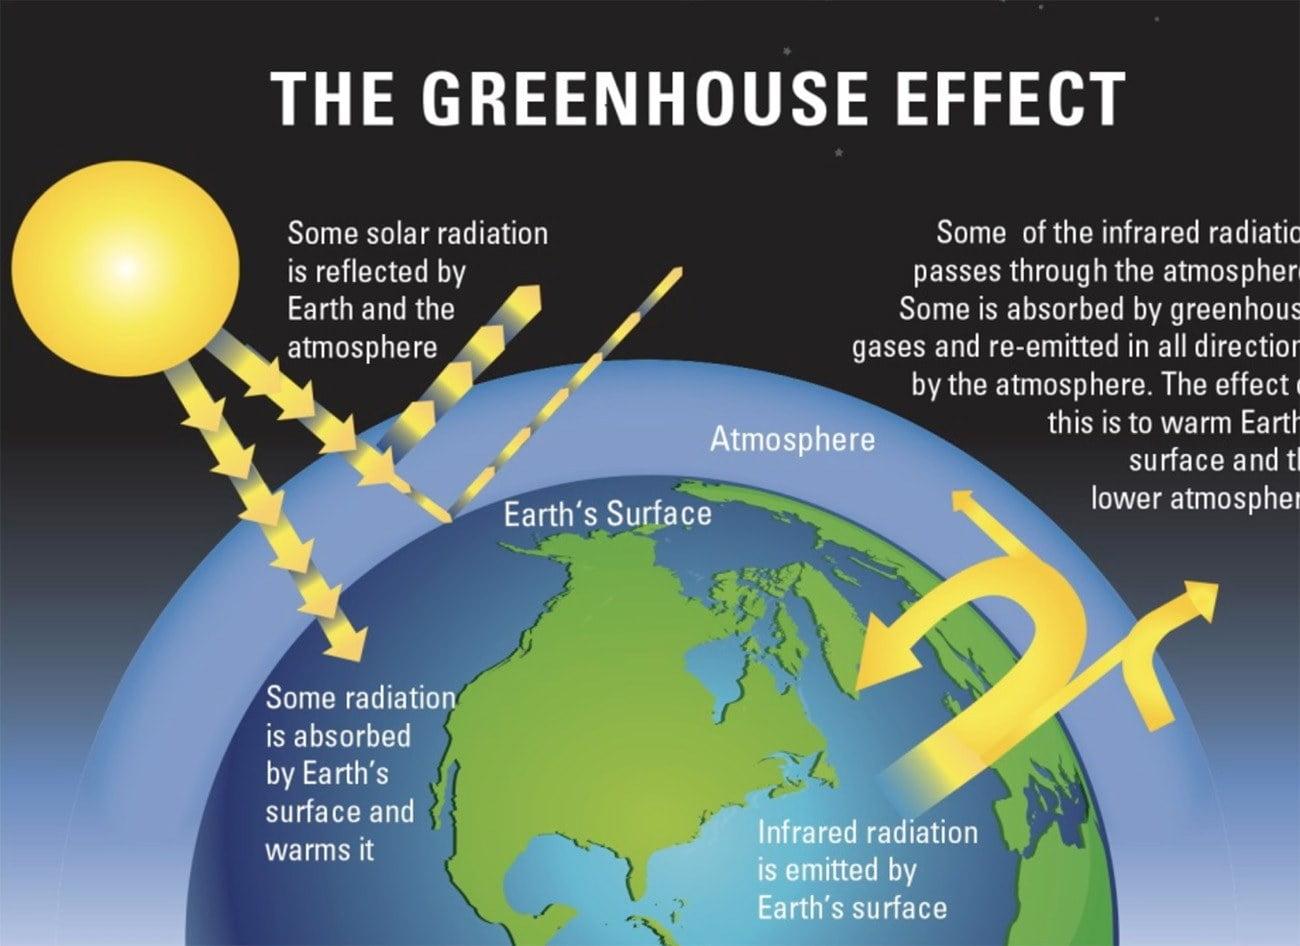 infográfico mostra os efeitos dos gases de estufa